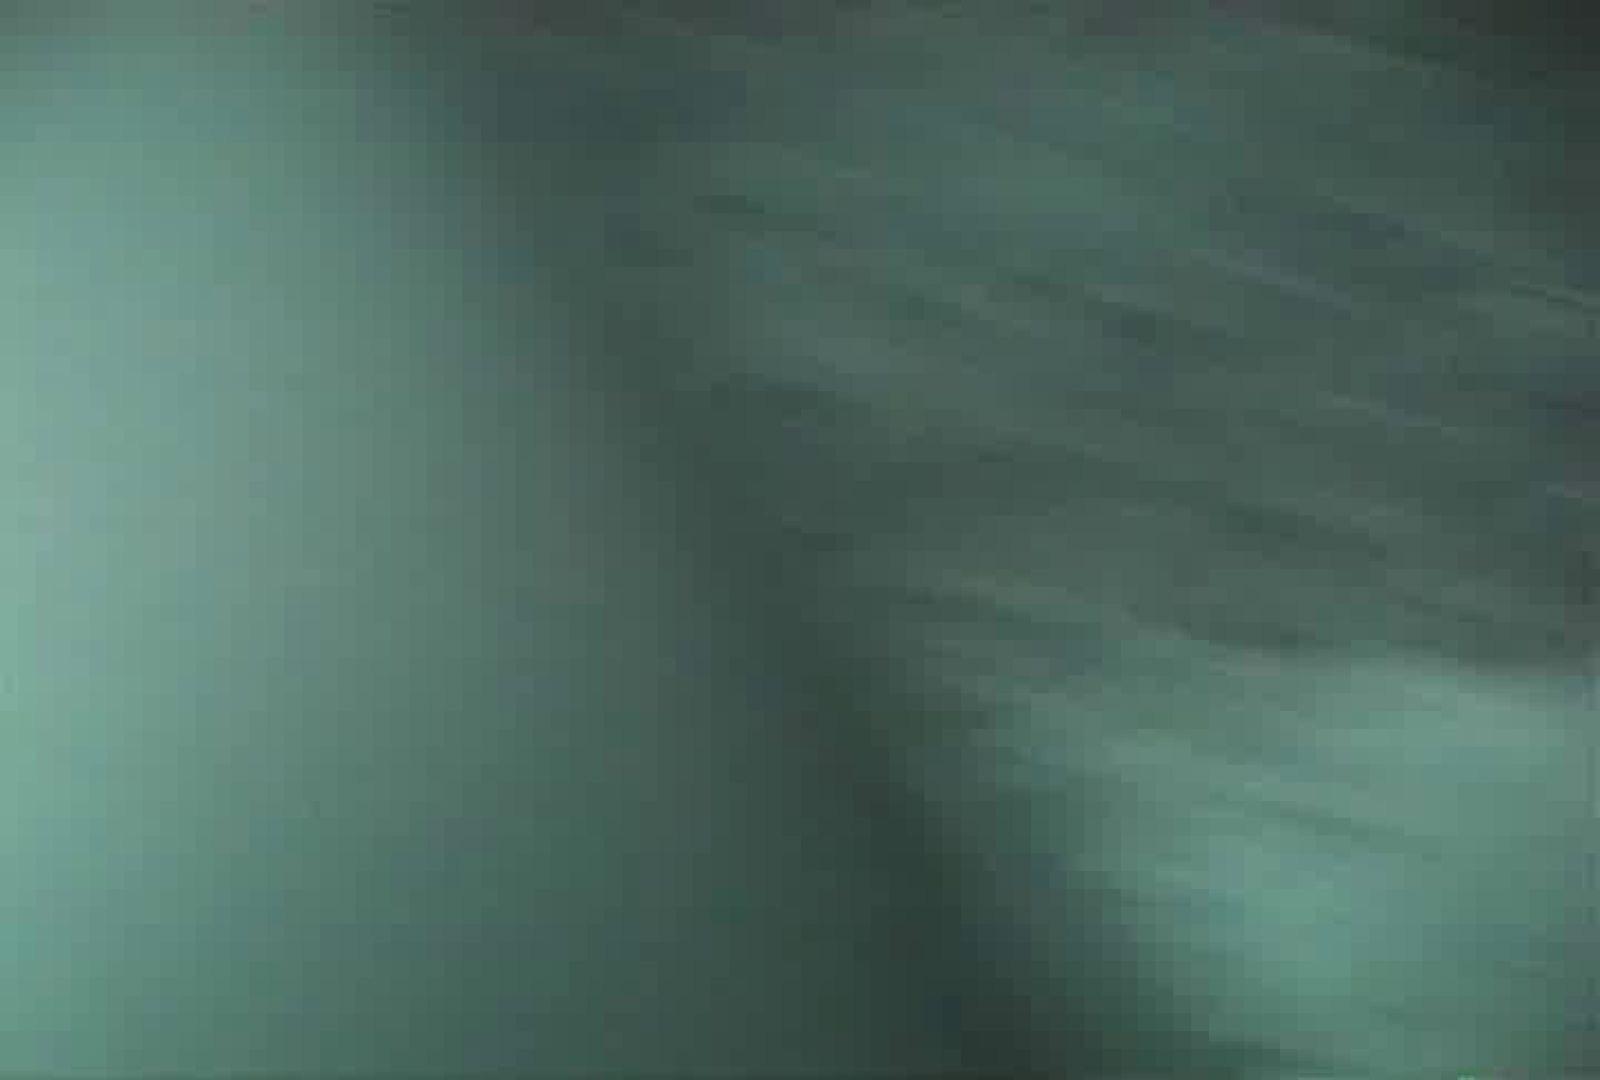 充血監督の深夜の運動会Vol.47 無修正マンコ | セックス  70PIX 49